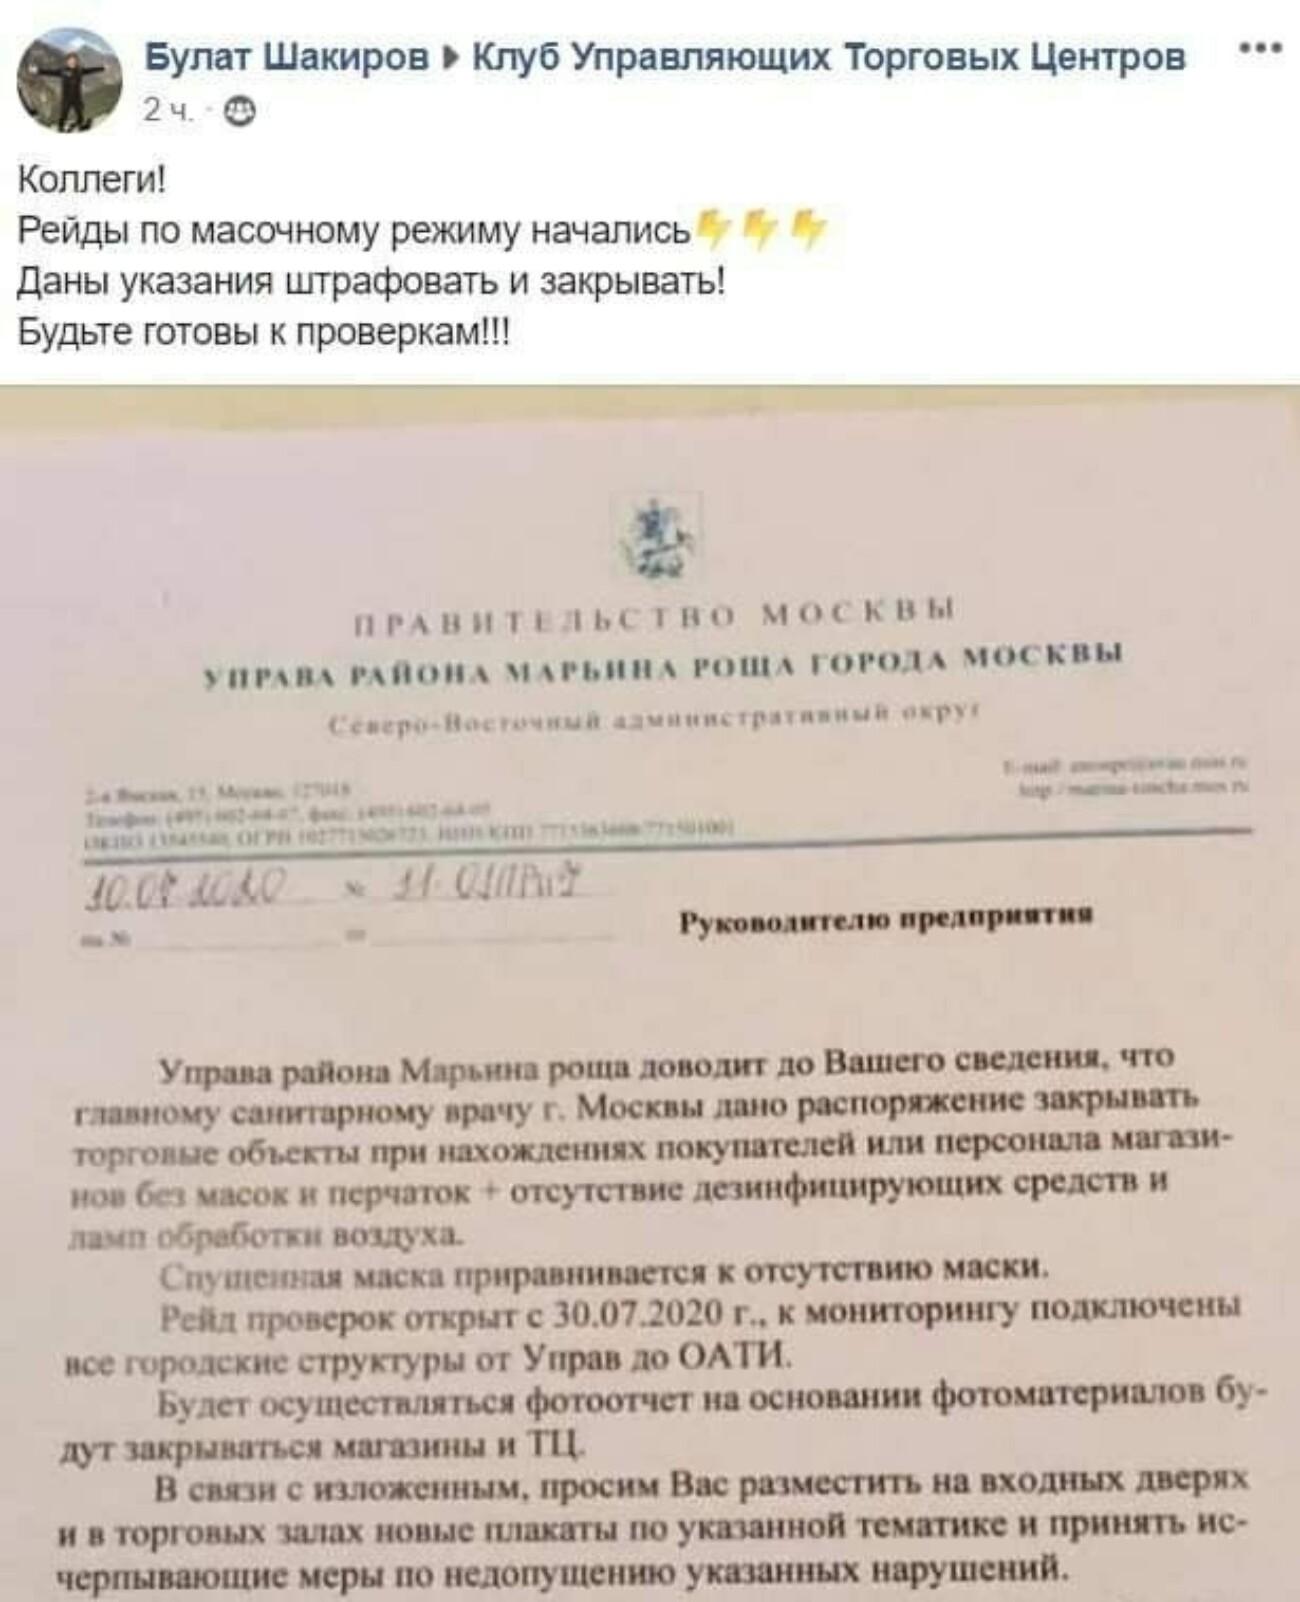 Магазины Москвы получили штрафы на 300 млн рублей с середины мая за отсутствие масок у работников и покупателей